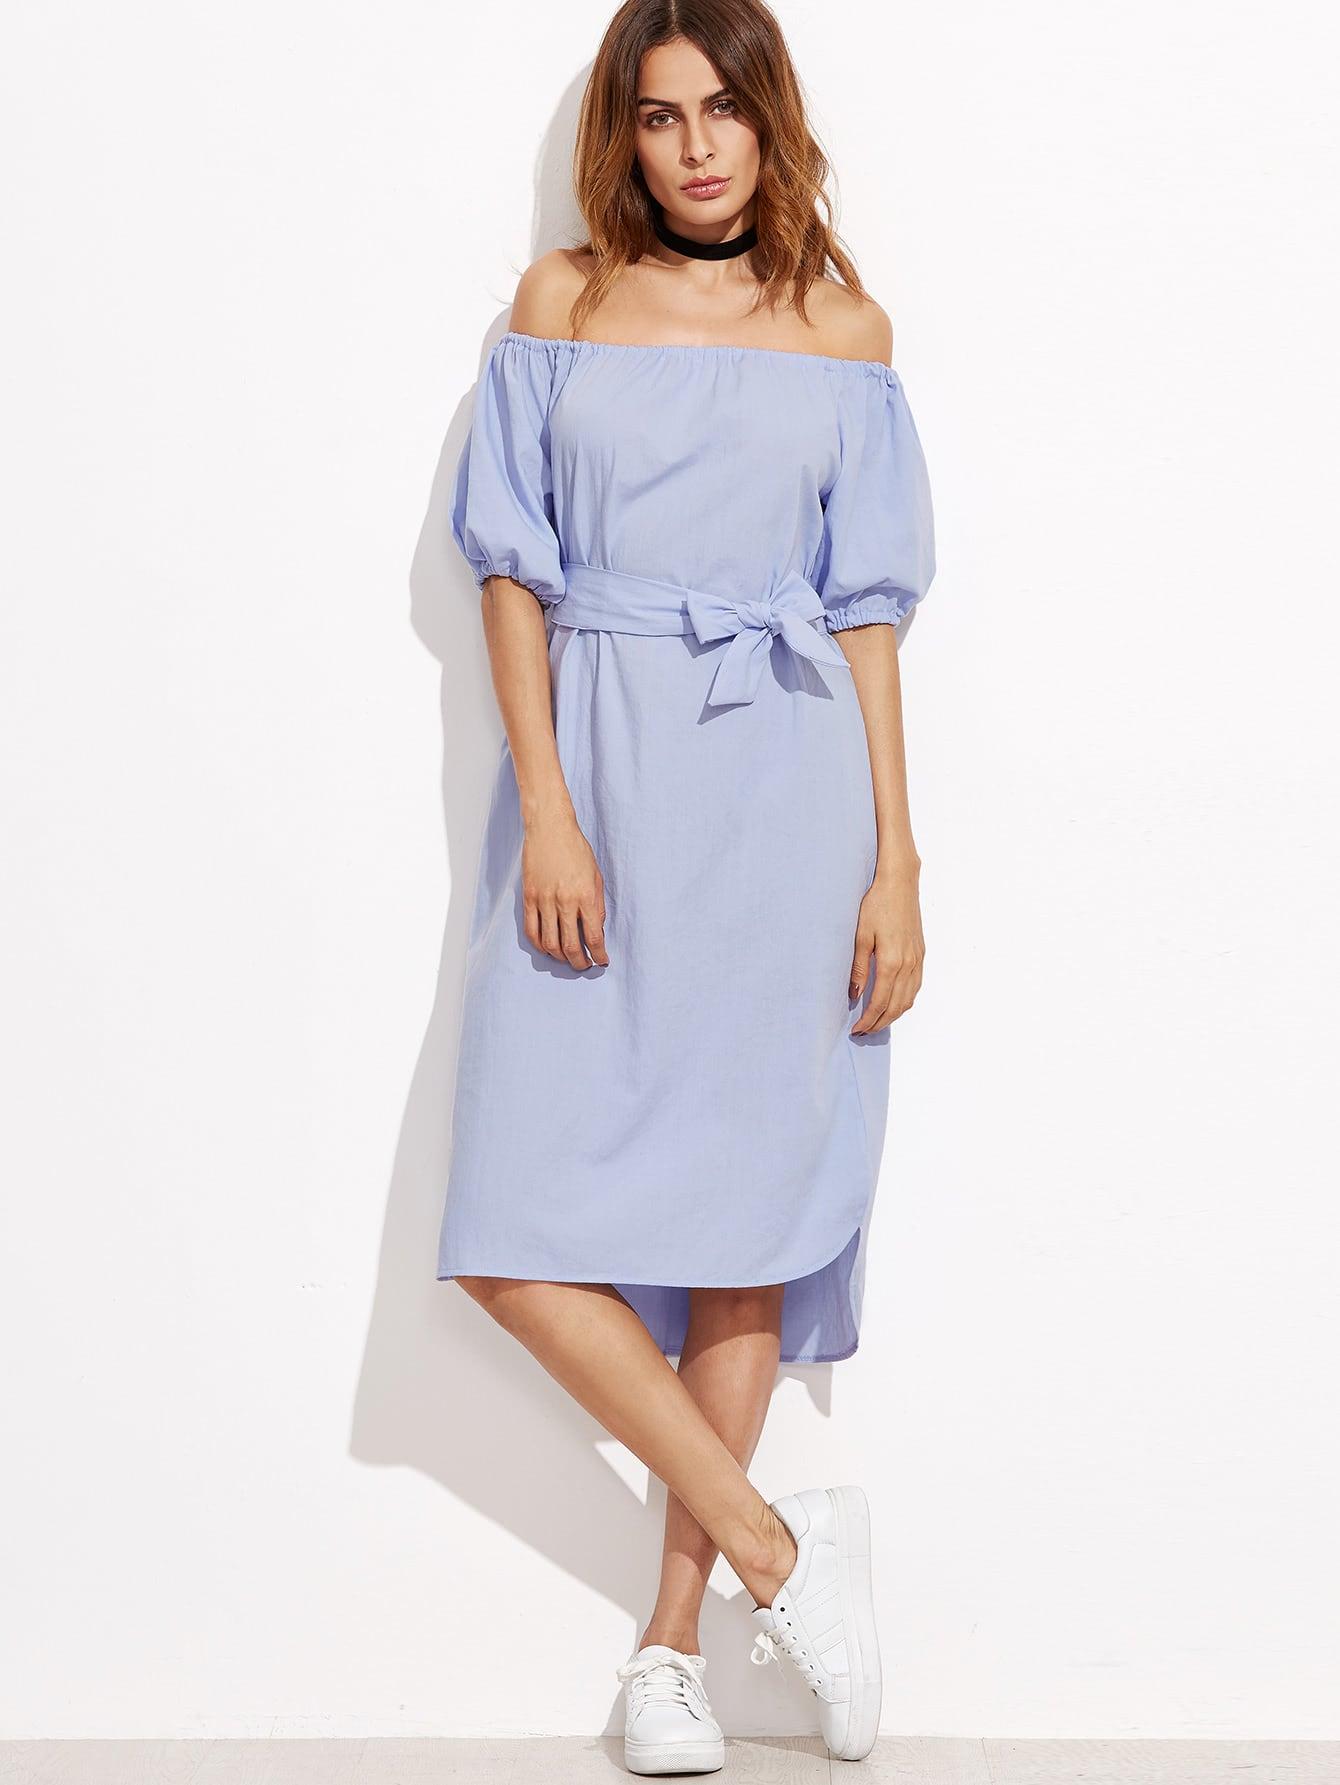 dress161010101_2